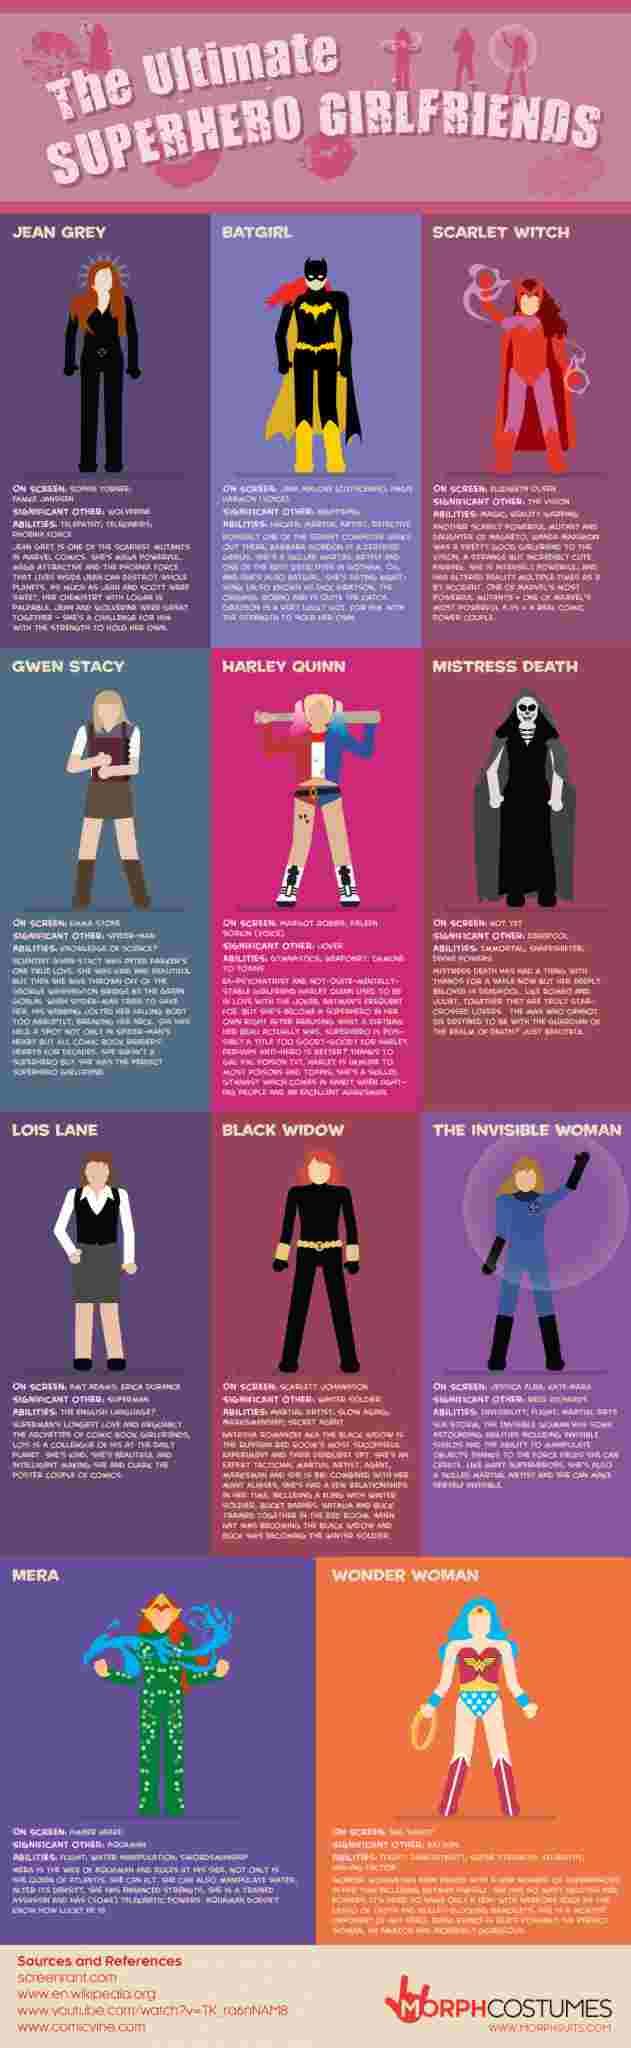 superhero-girlfriends-infographic